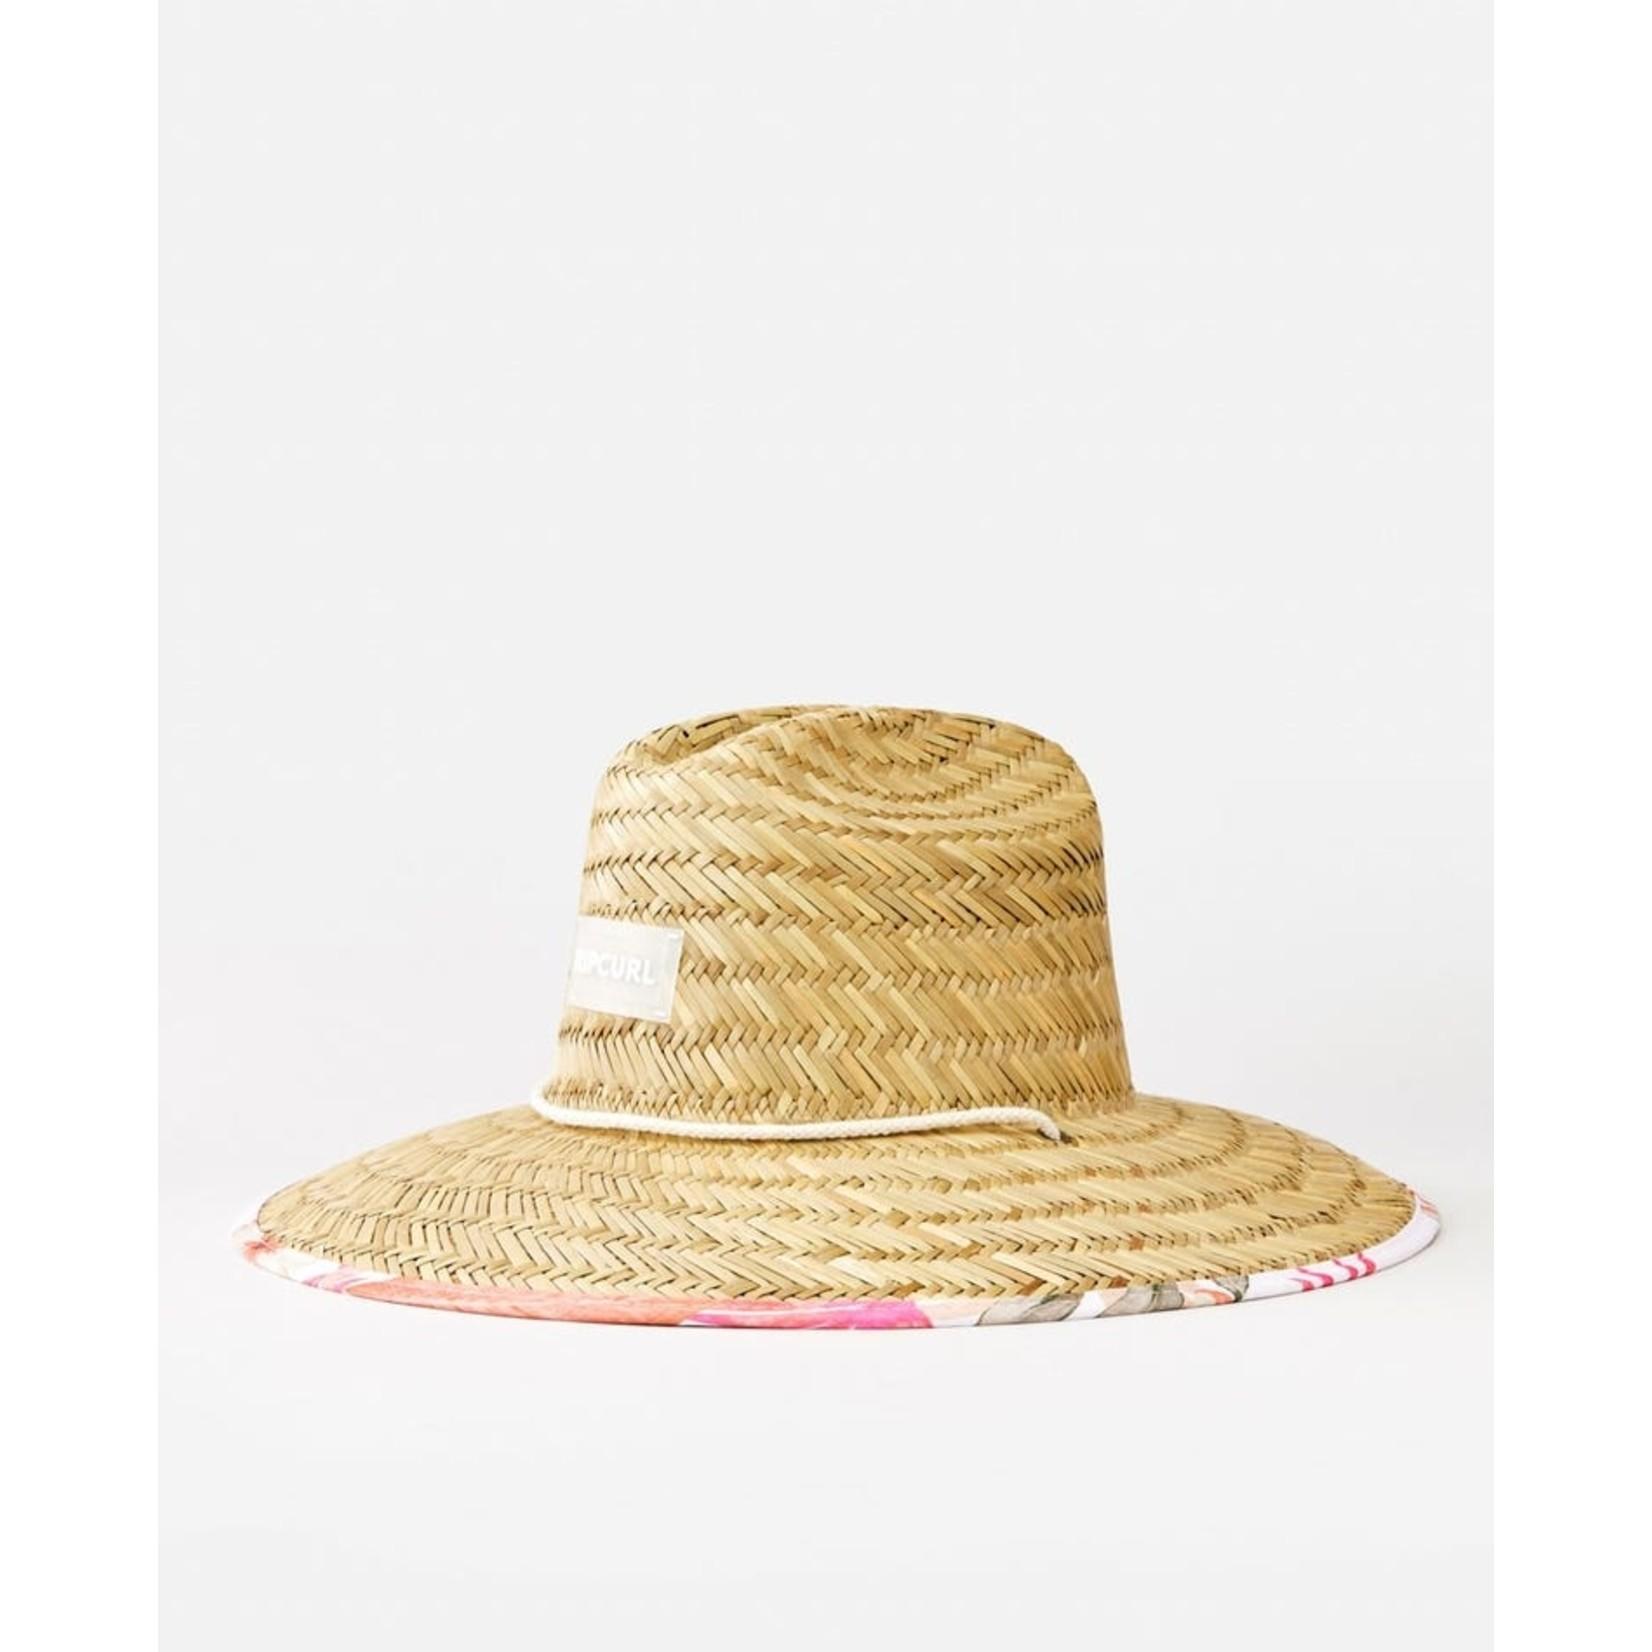 Ripcurl NORTH SHORE STRAW HAT